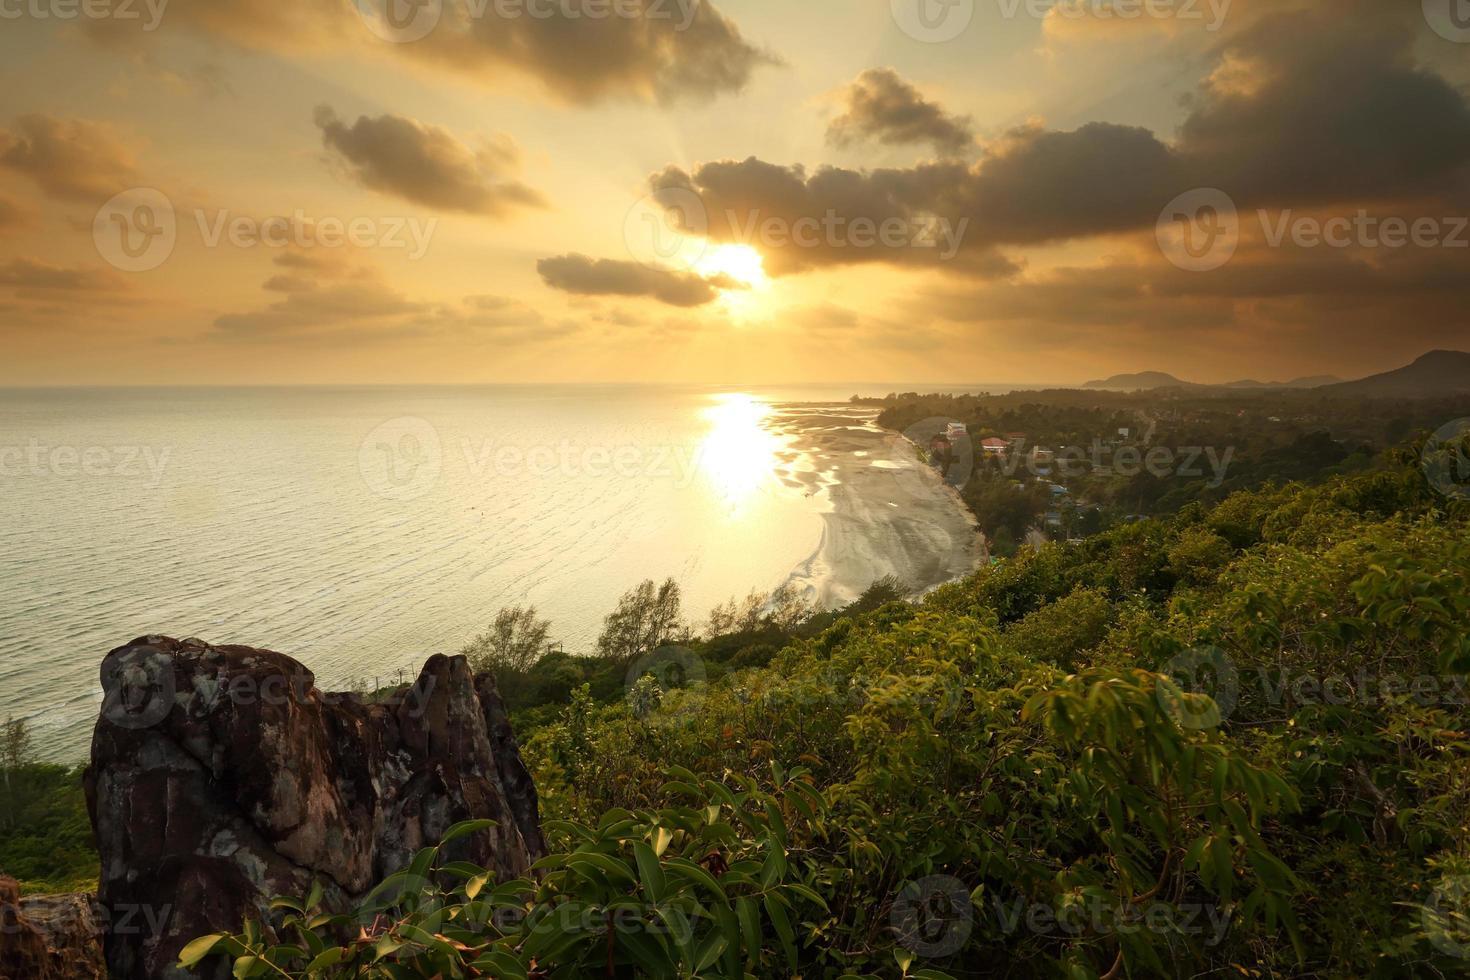 vista da montanha na praia ao pôr do sol foto